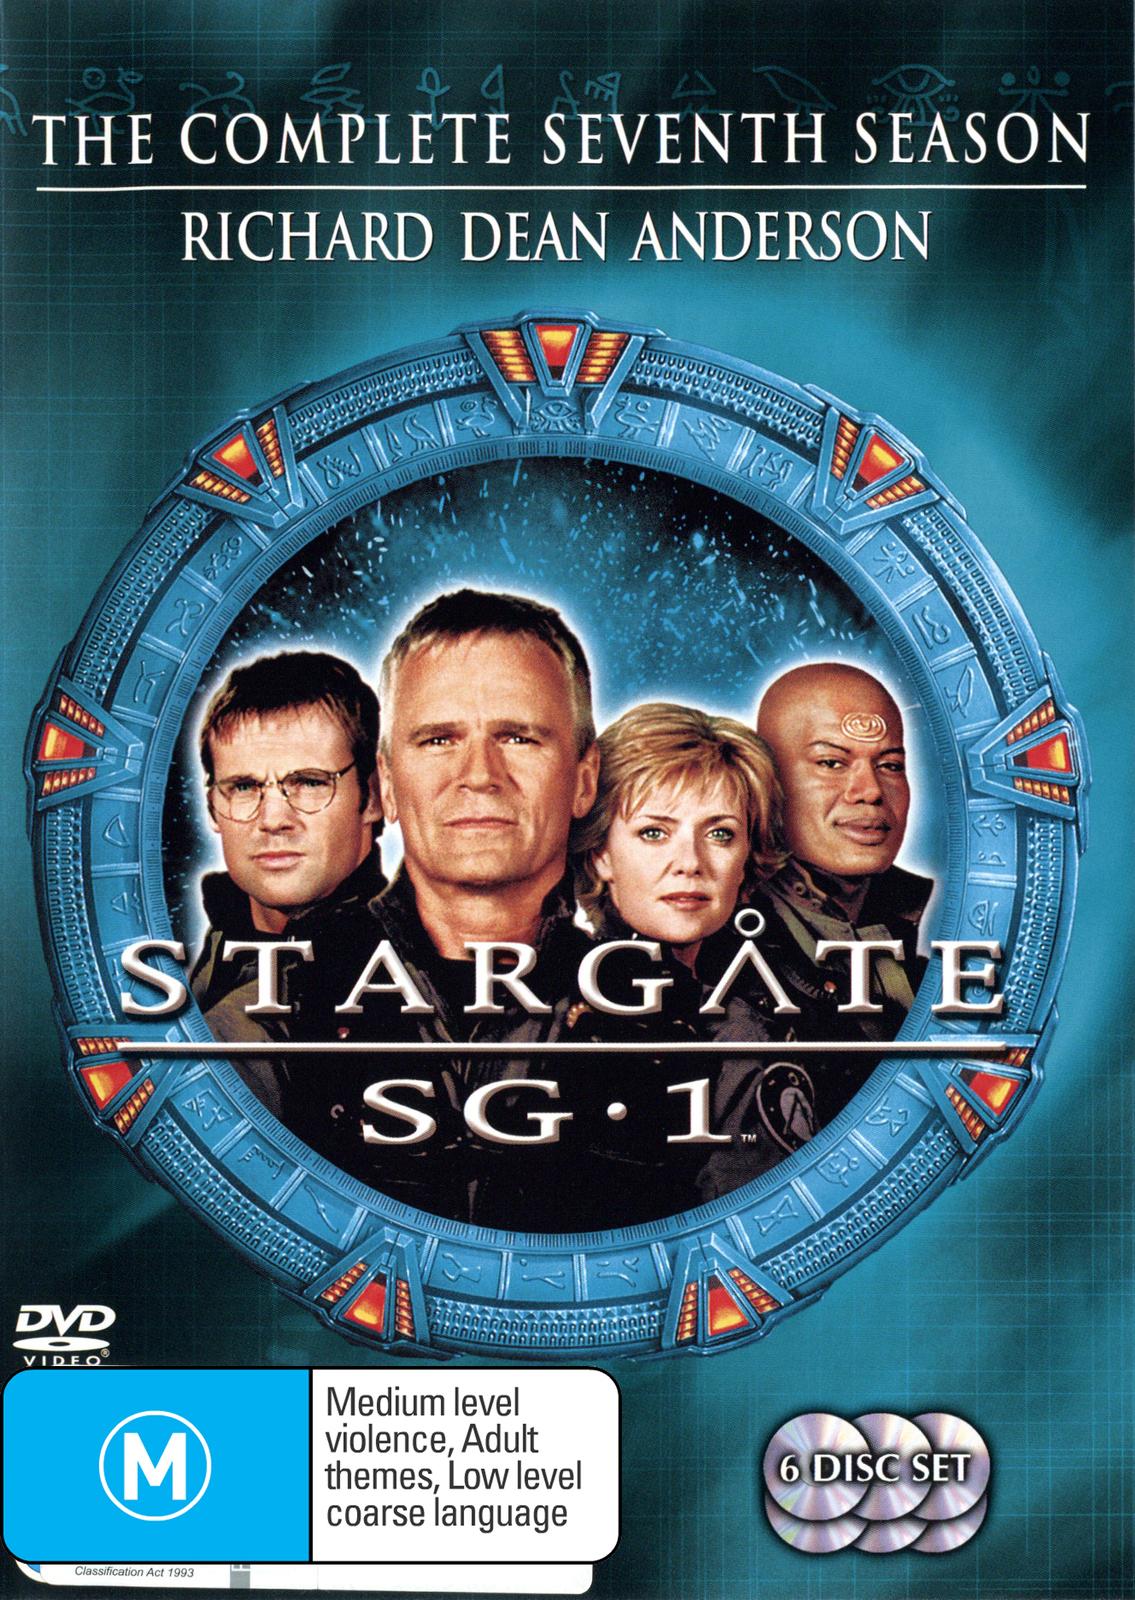 Stargate SG-1 - Season 7 (6 Disc Set) (New Packaging) on DVD image